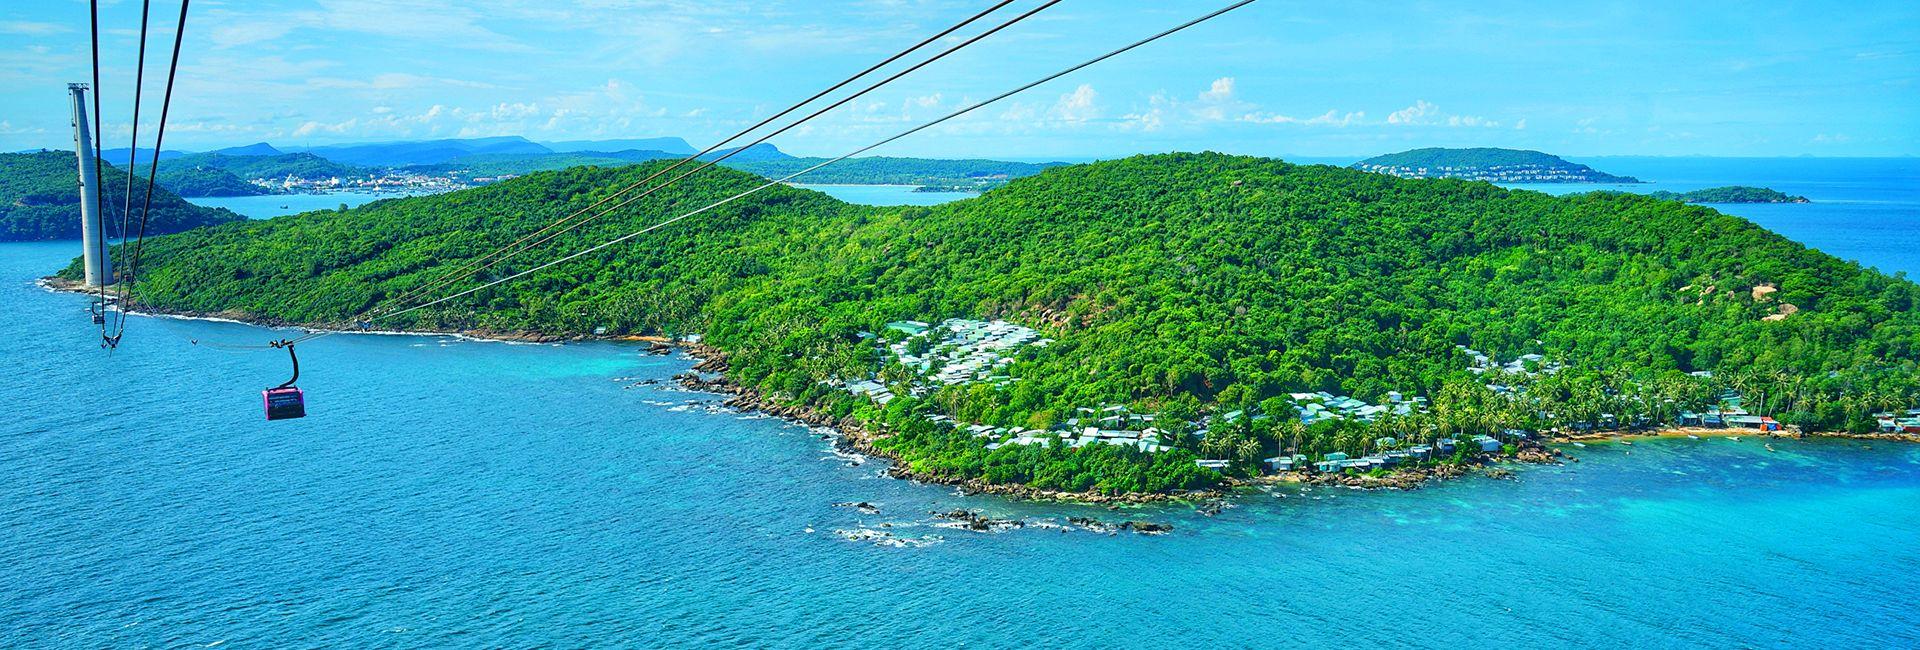 Đảo Hòn Thơm Phú Quốc - Thiên đường mê mẩn lòng người